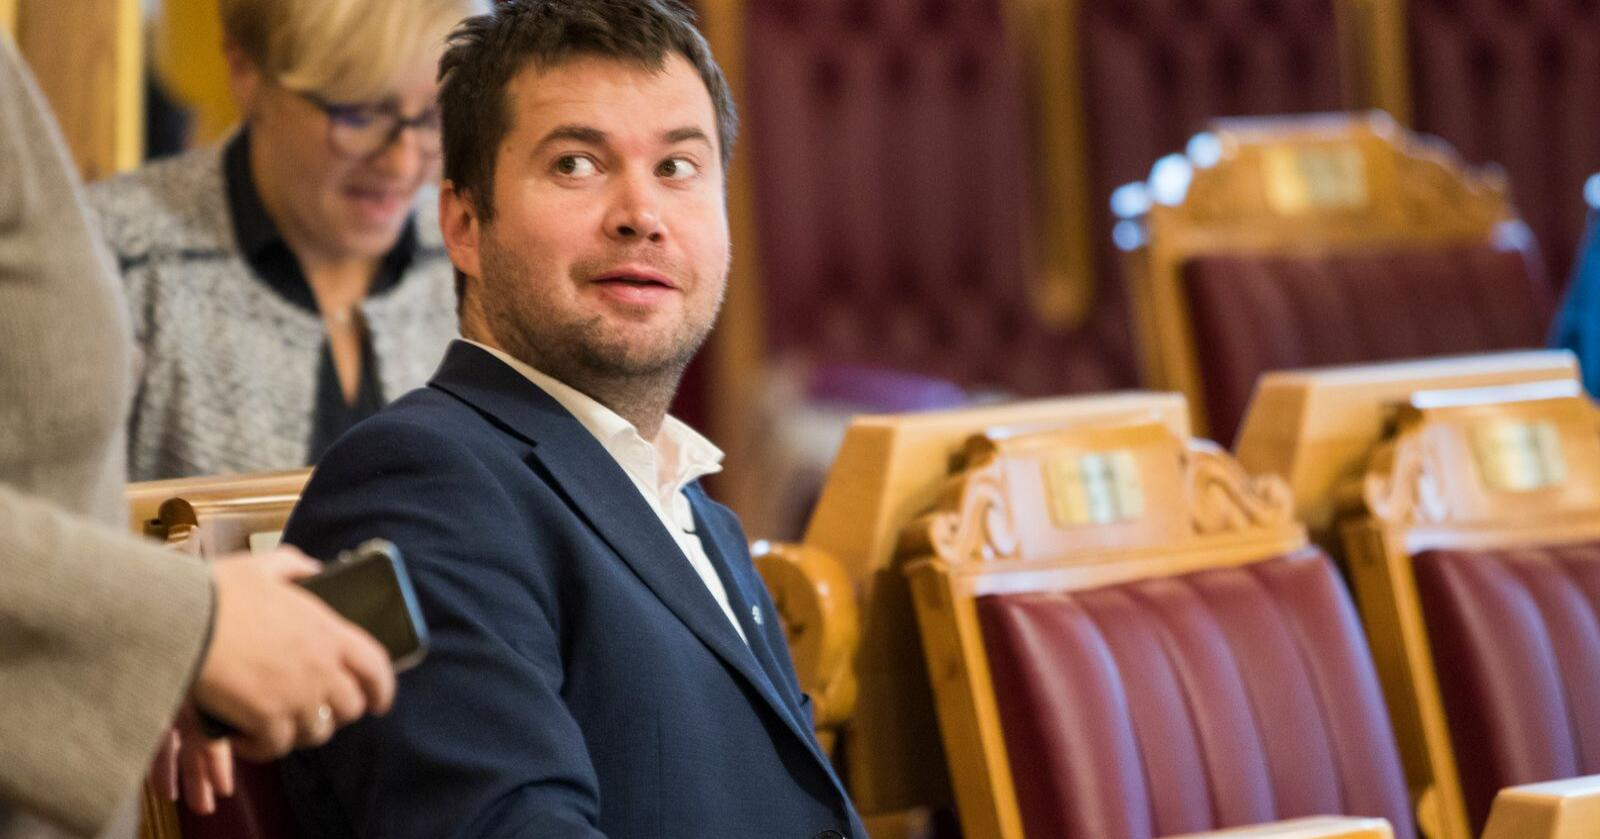 Lederen for Stortingets næringskomité, Geir Pollestad (Sp), ber landbruksministeren legge fram en redegjørelse om Mattilsynet for Stortinget. Foto: Berit Roald / NTB scanpix